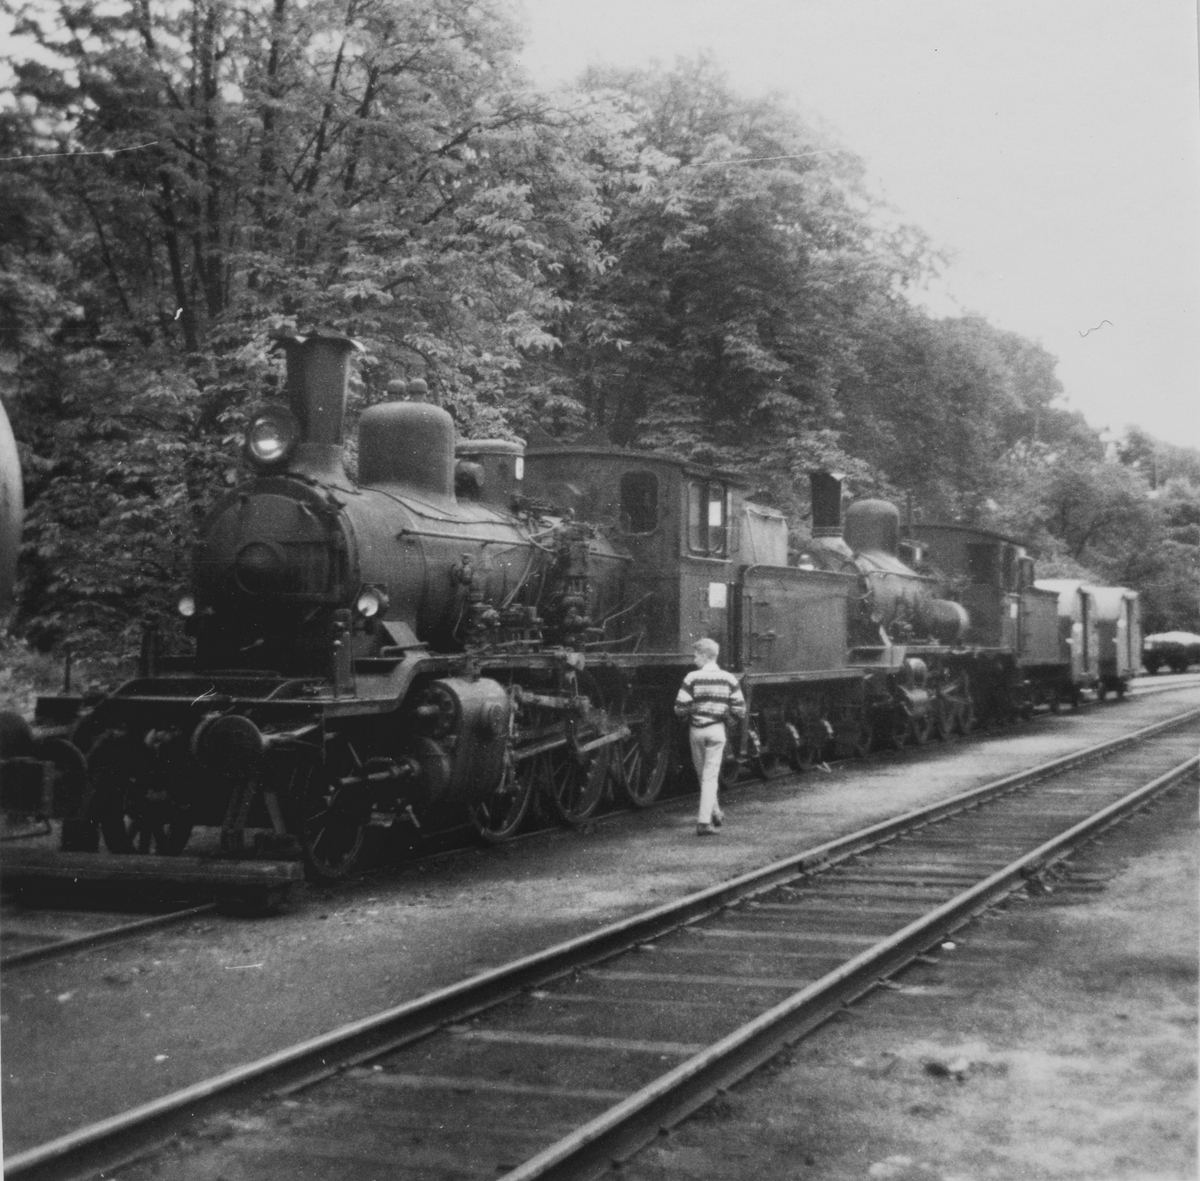 Damplokomotiv type 18c 226 og 21c 375 (nærmest) hensatt på Arendal stasjon. Damplokomotiver ble erstattet av diesellokomotiver i togene mellom Arendal og Treungen.